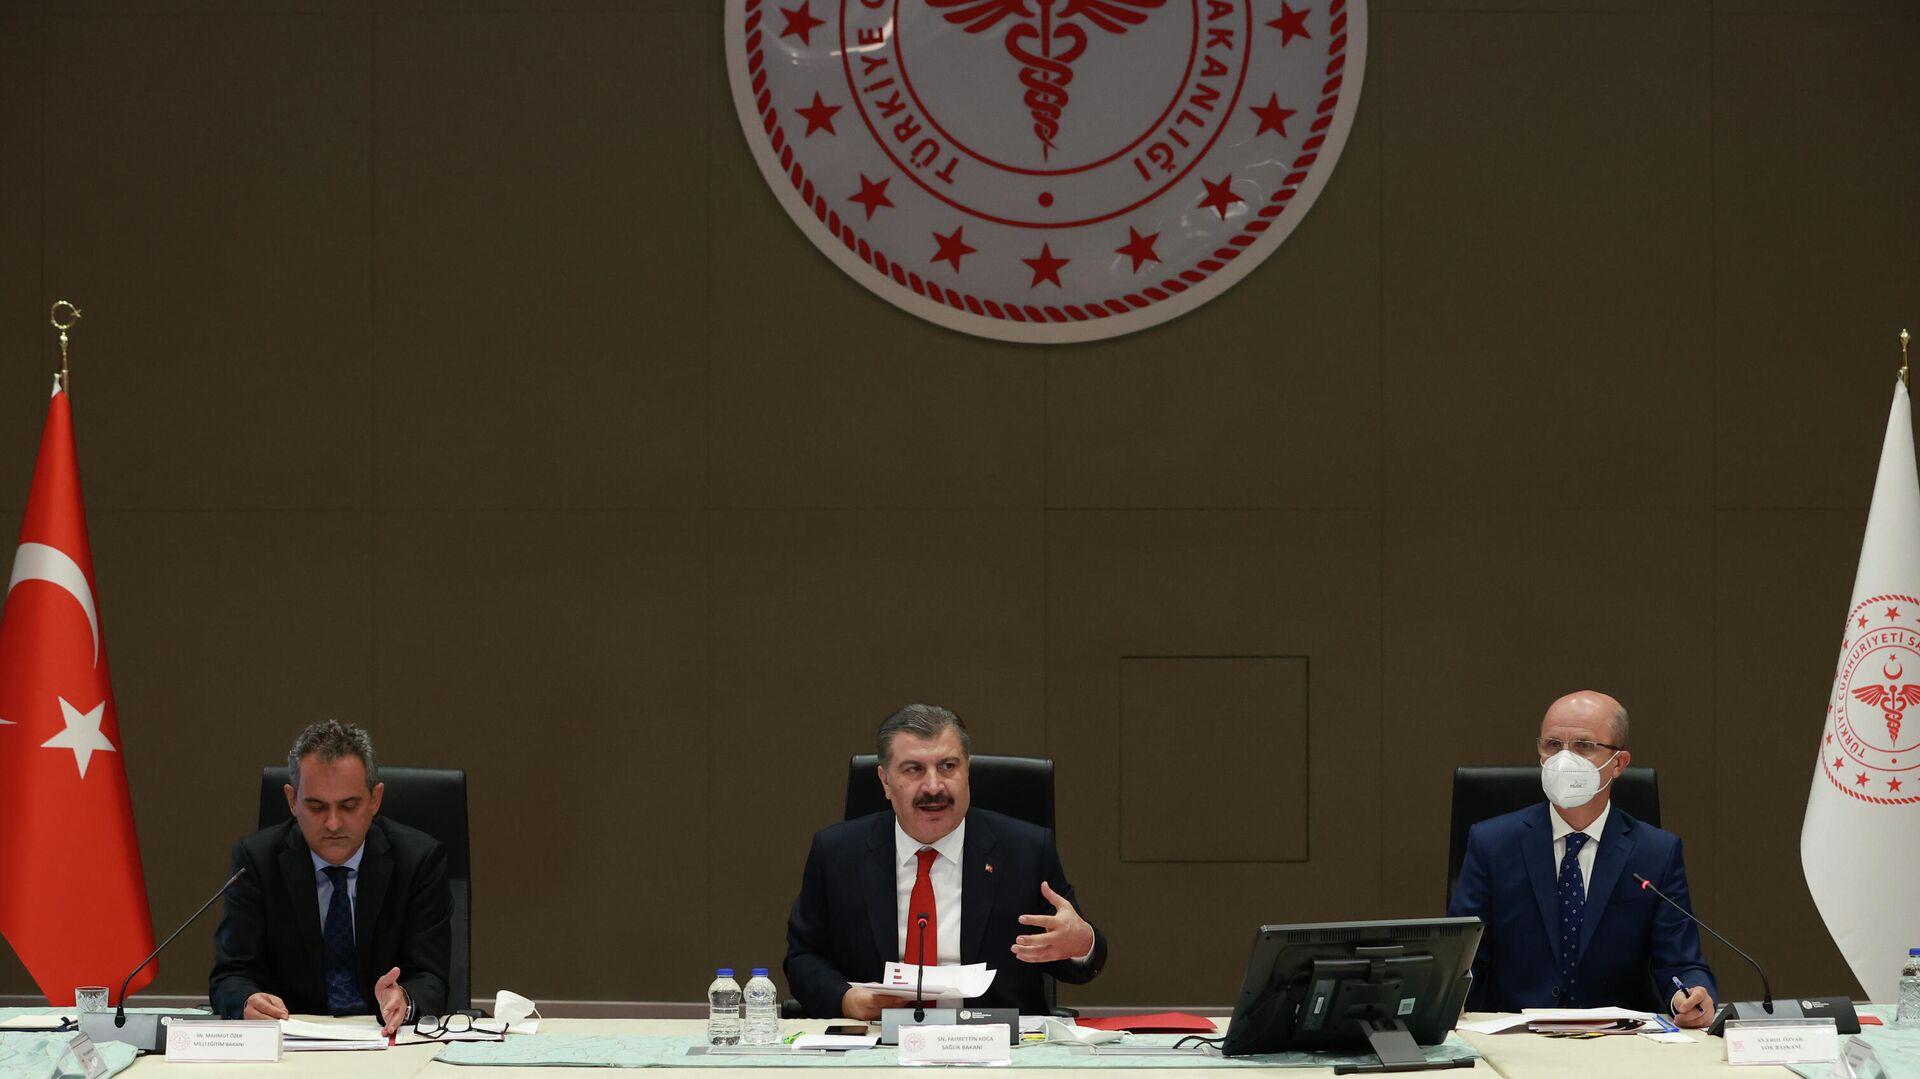 Koronavirüs Bilim Kurulu, Sağlık Bakanı Fahrettin Koca başkanlığında, Milli Eğitim Bakanı Mahmut Özer ve YÖK Başkanı Erol Özvar'ın katılımıyla toplandı.  - Sputnik Türkiye, 1920, 02.09.2021